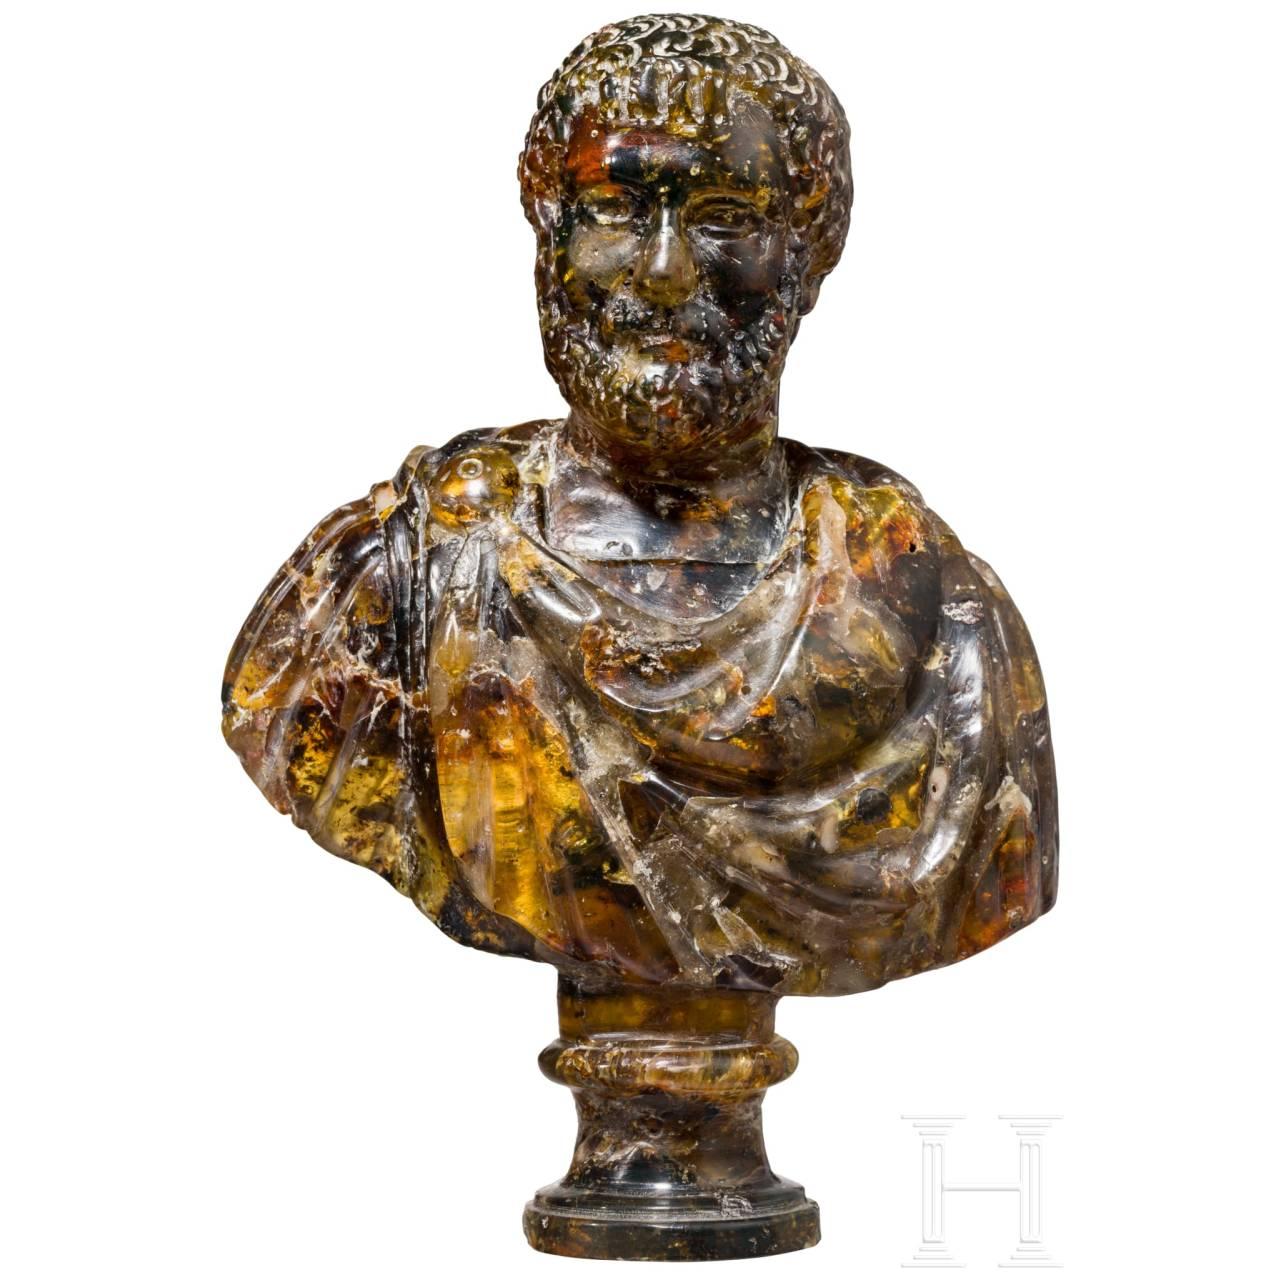 An amber bust of a Roman emporer